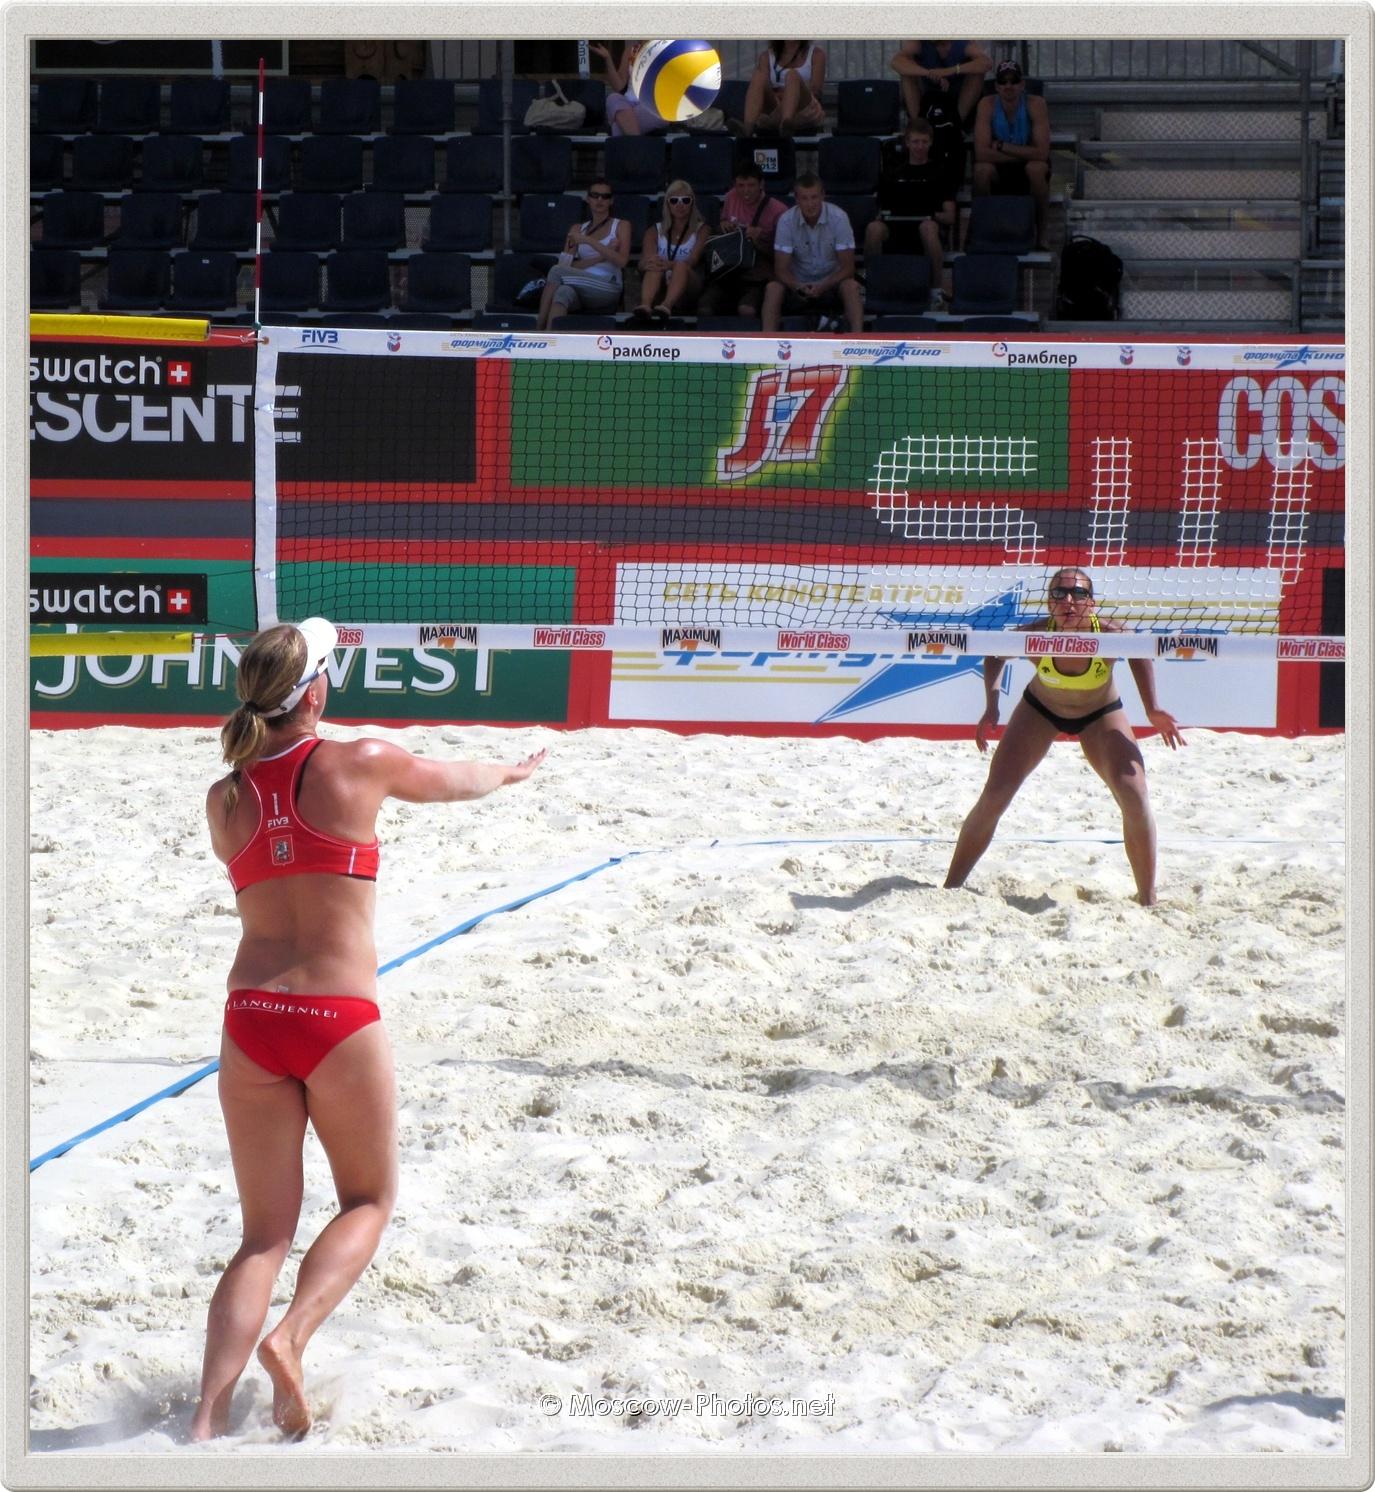 Madelein Meppelink against Tatyana Mashkova